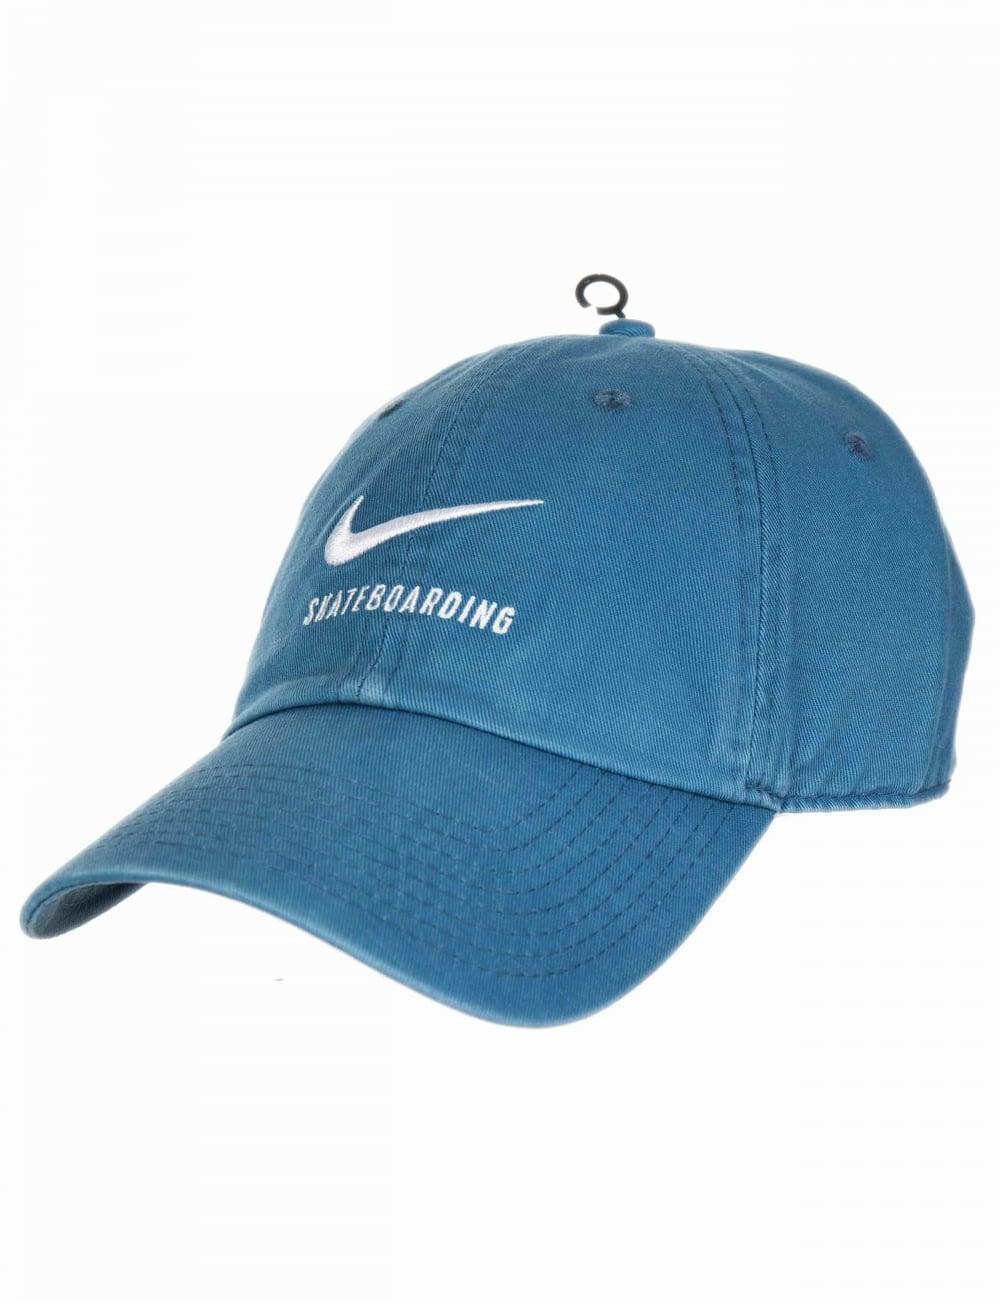 cheap for discount 5ad2f 7341c Nike SB H86 Adjustable Cap - Noise Aqua